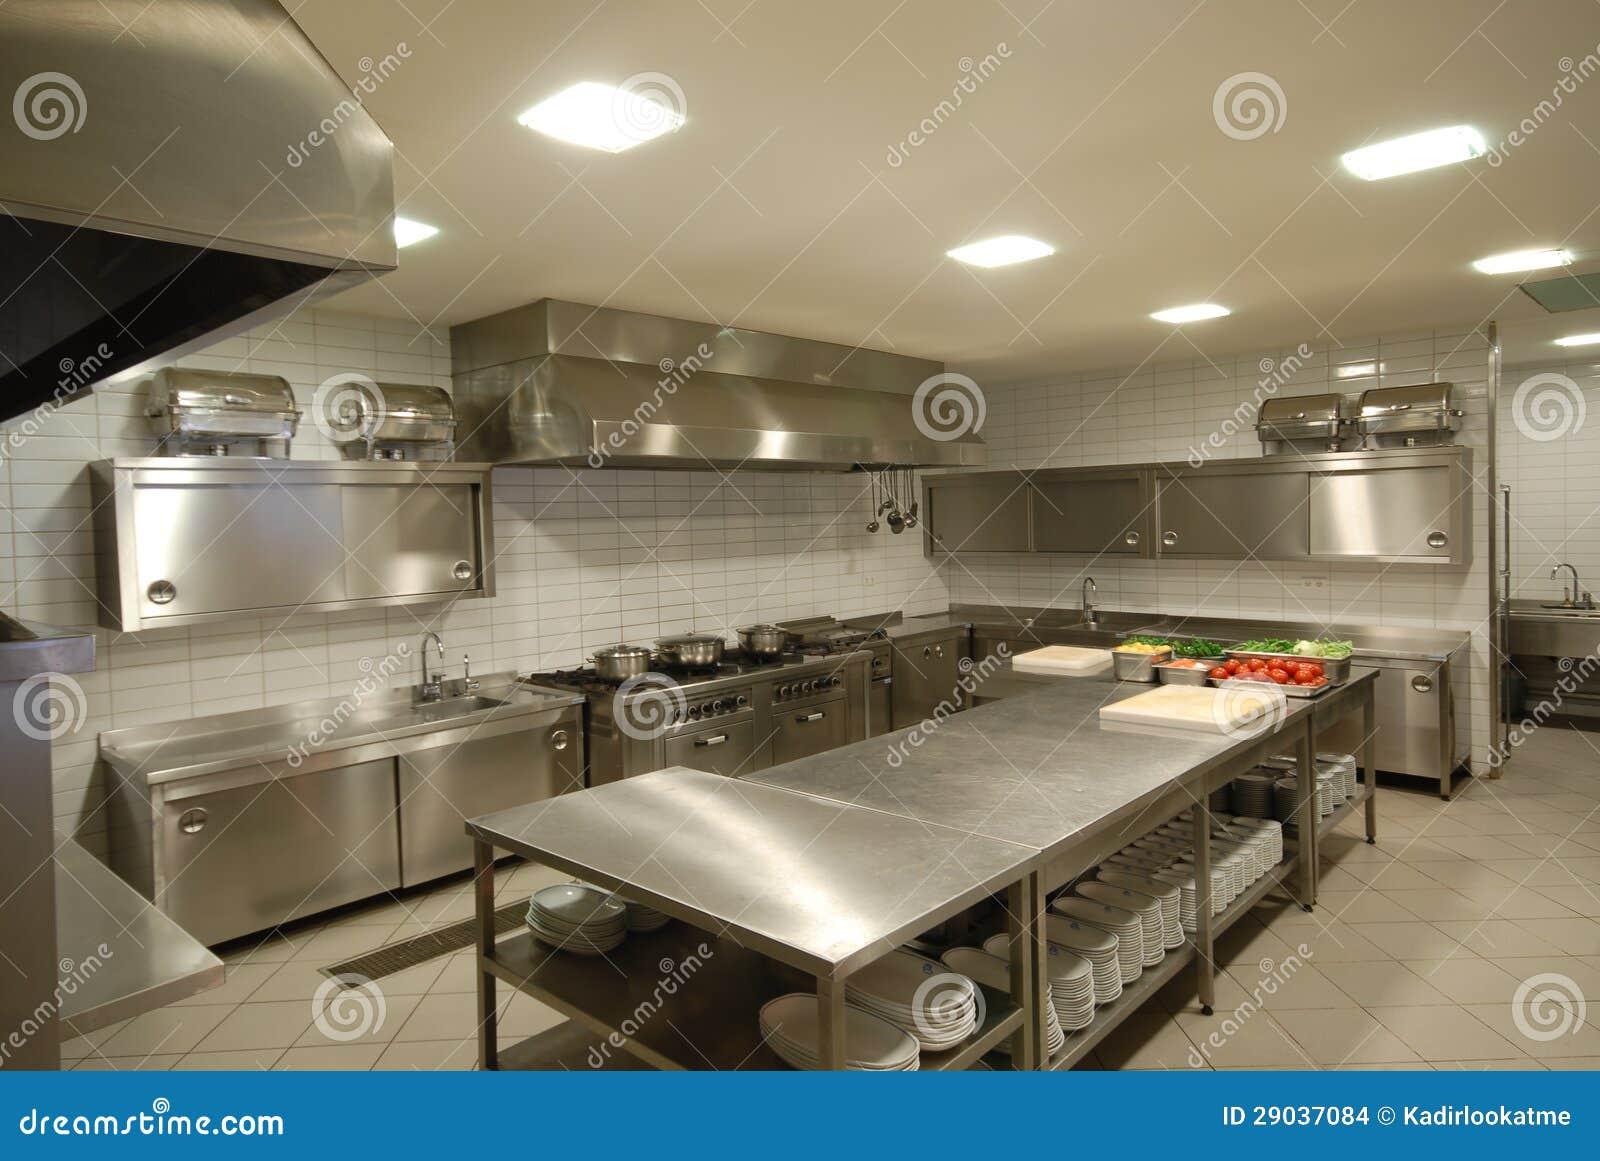 Cuisine moderne dans le restaurant images stock image for Conception de cuisine professionnelle